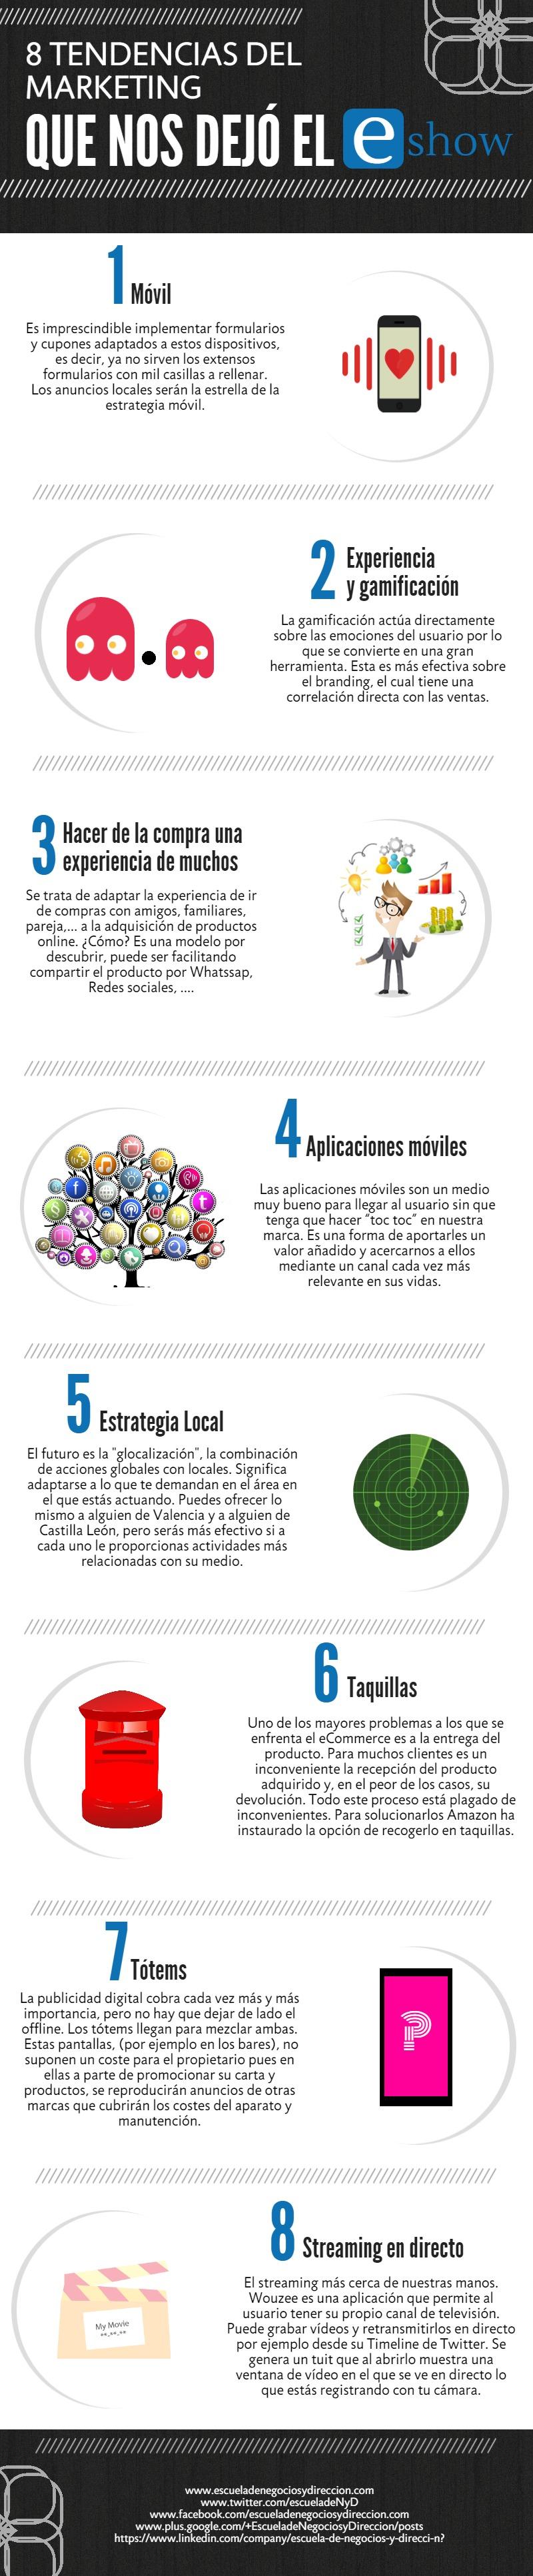 8 tendencias de marketing